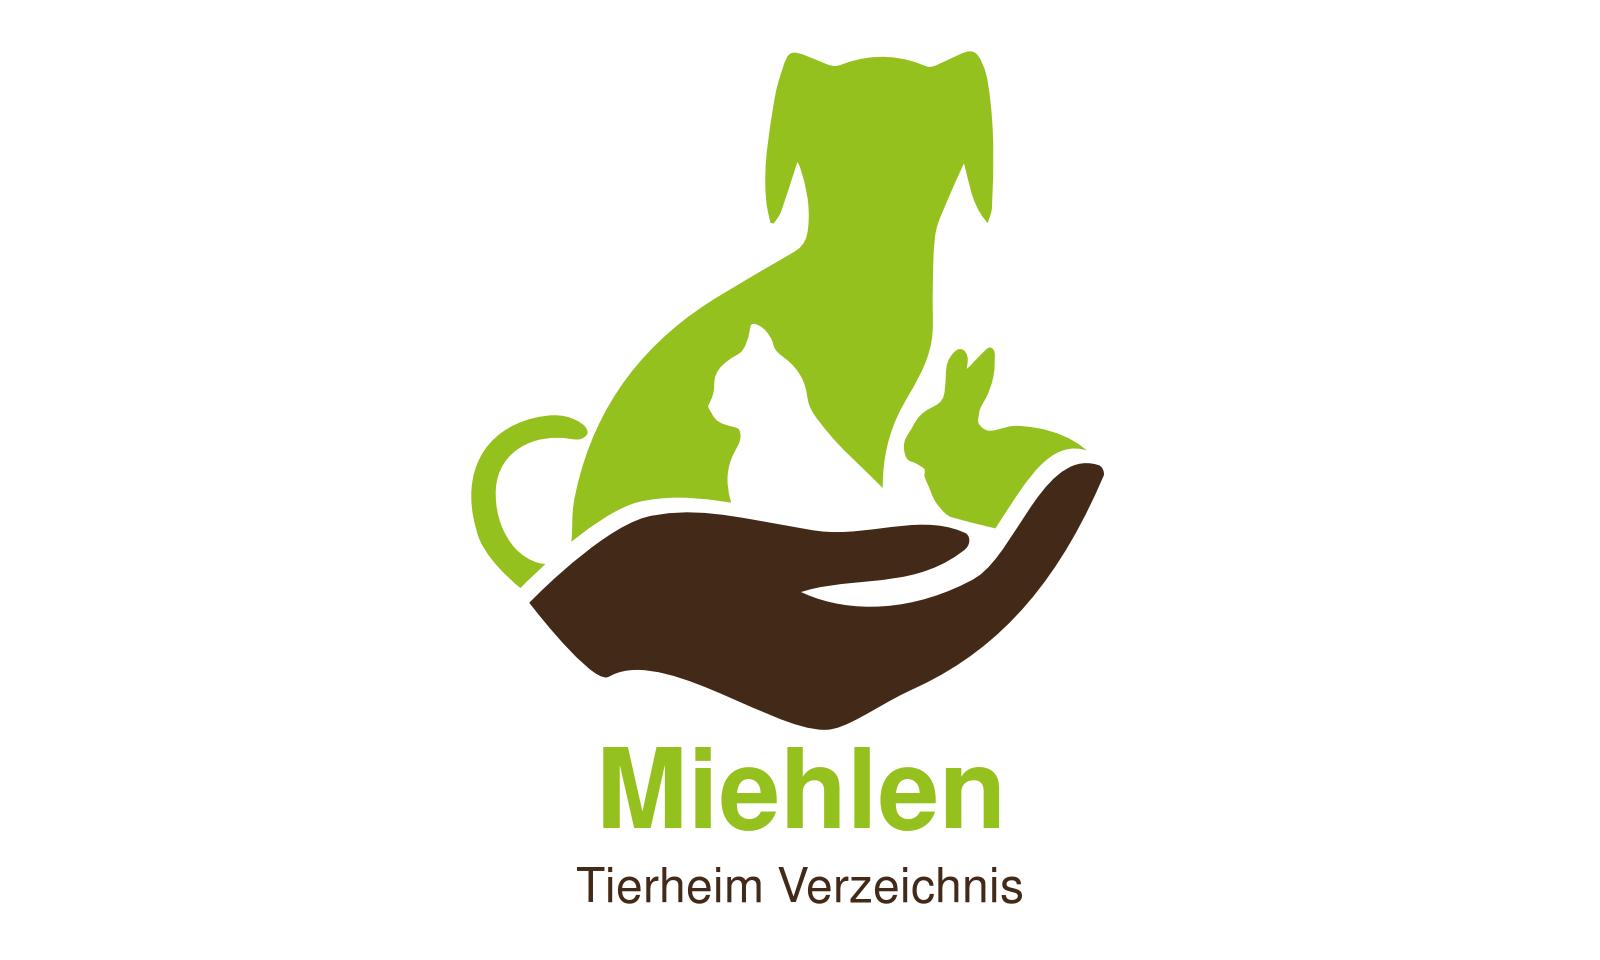 Tierheim Miehlen